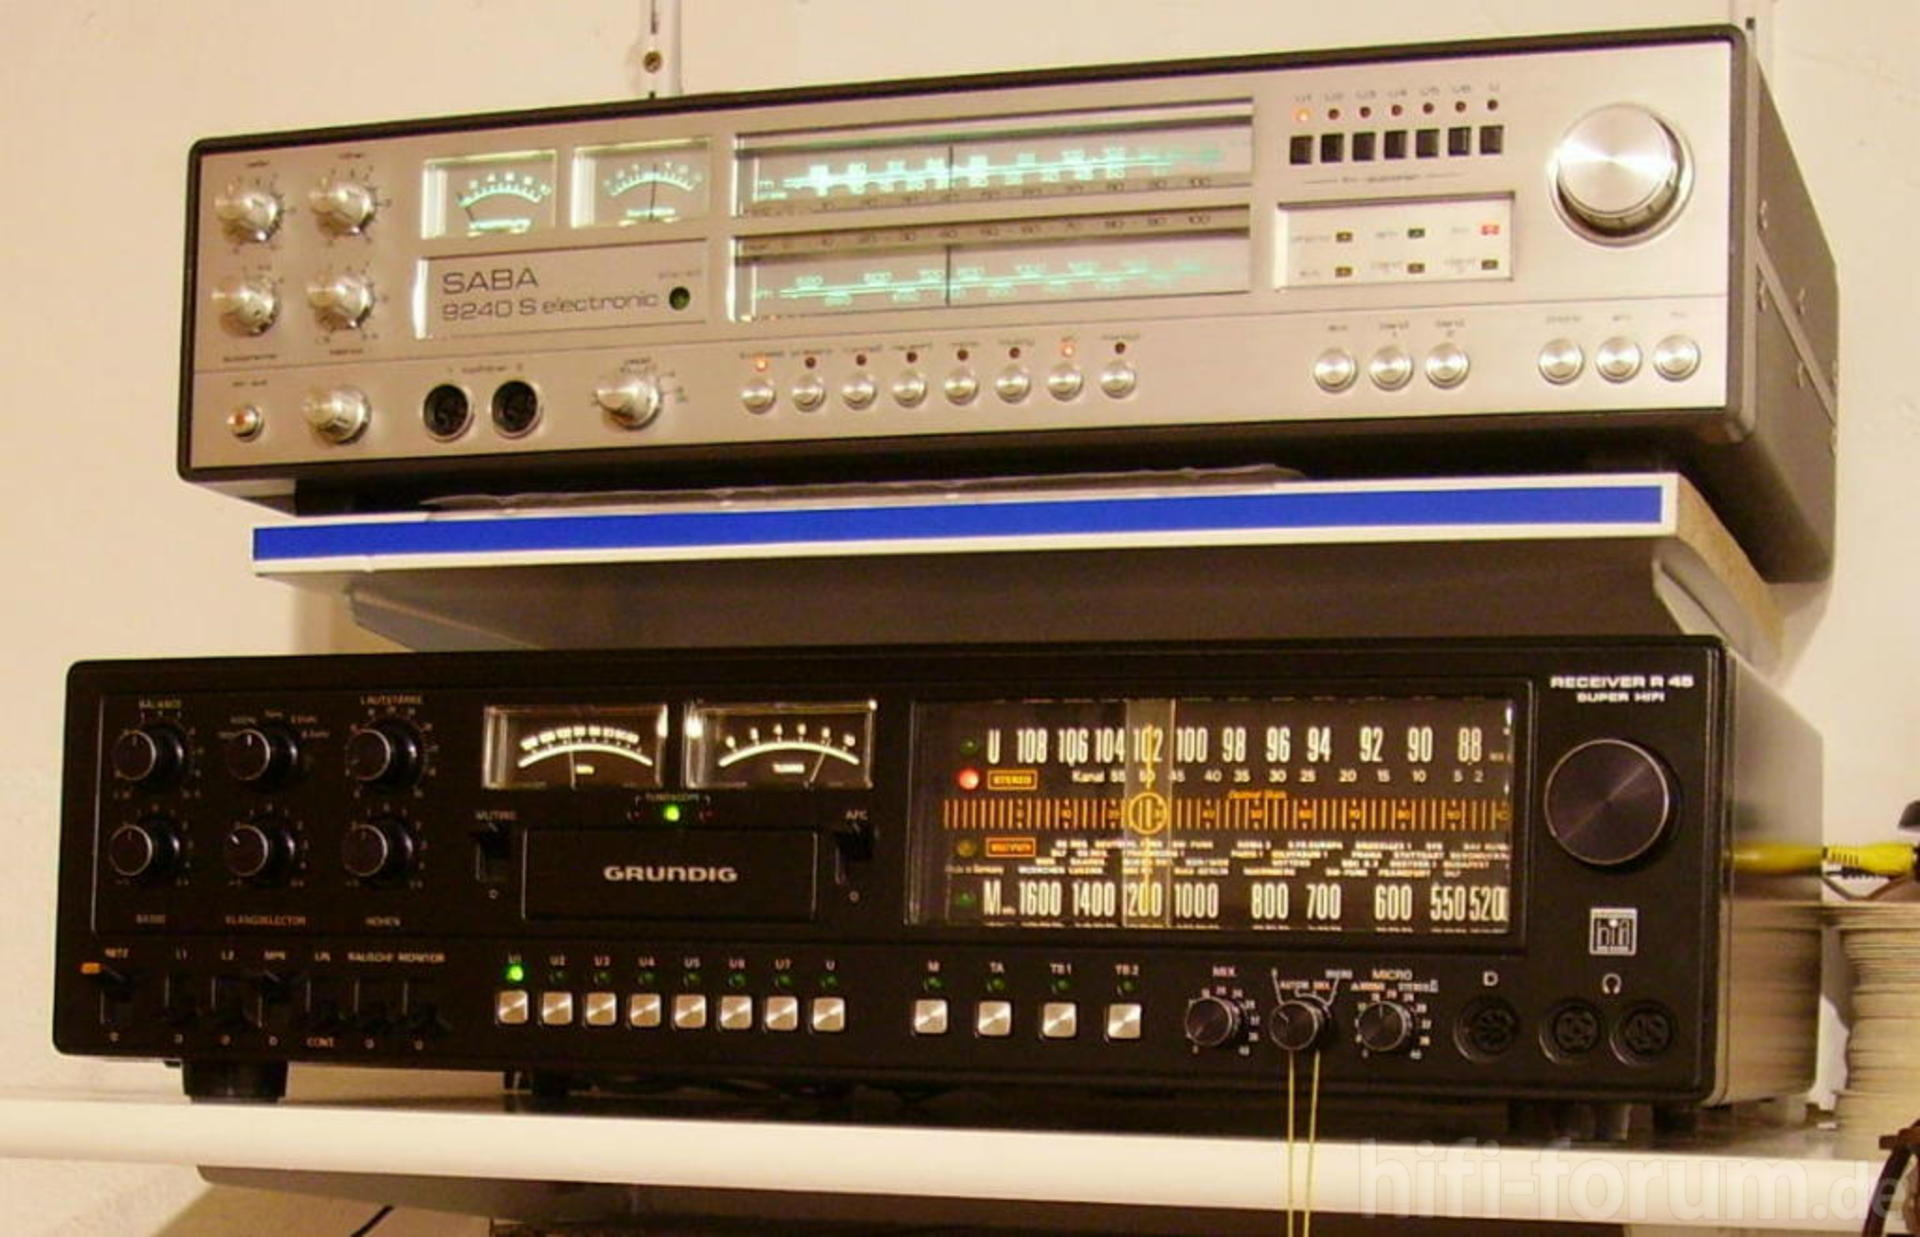 saba 9240s und grundig r45a 9240s grundig klassiker receiver saba stereo hifi. Black Bedroom Furniture Sets. Home Design Ideas